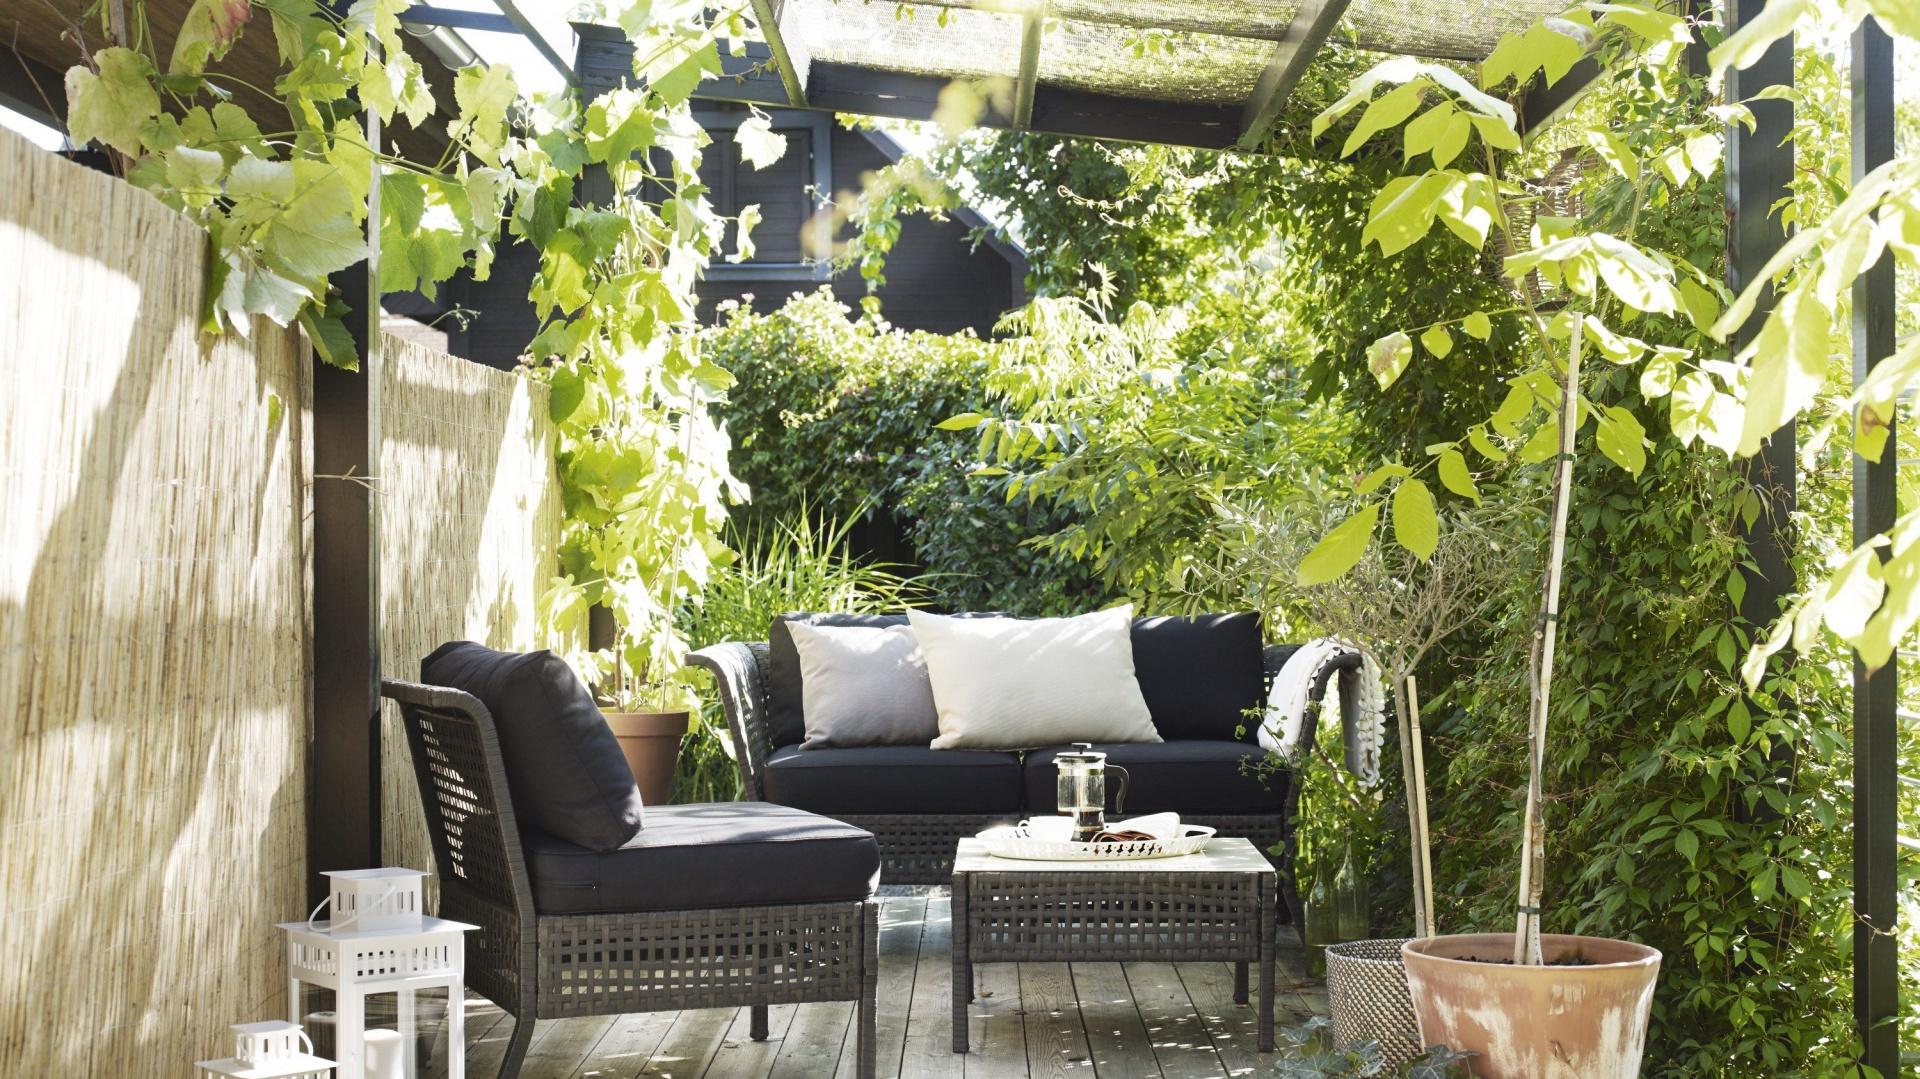 kungsholmen to 2 osobowa balkon modnie urz dzony korzystaj tak e jesieni. Black Bedroom Furniture Sets. Home Design Ideas